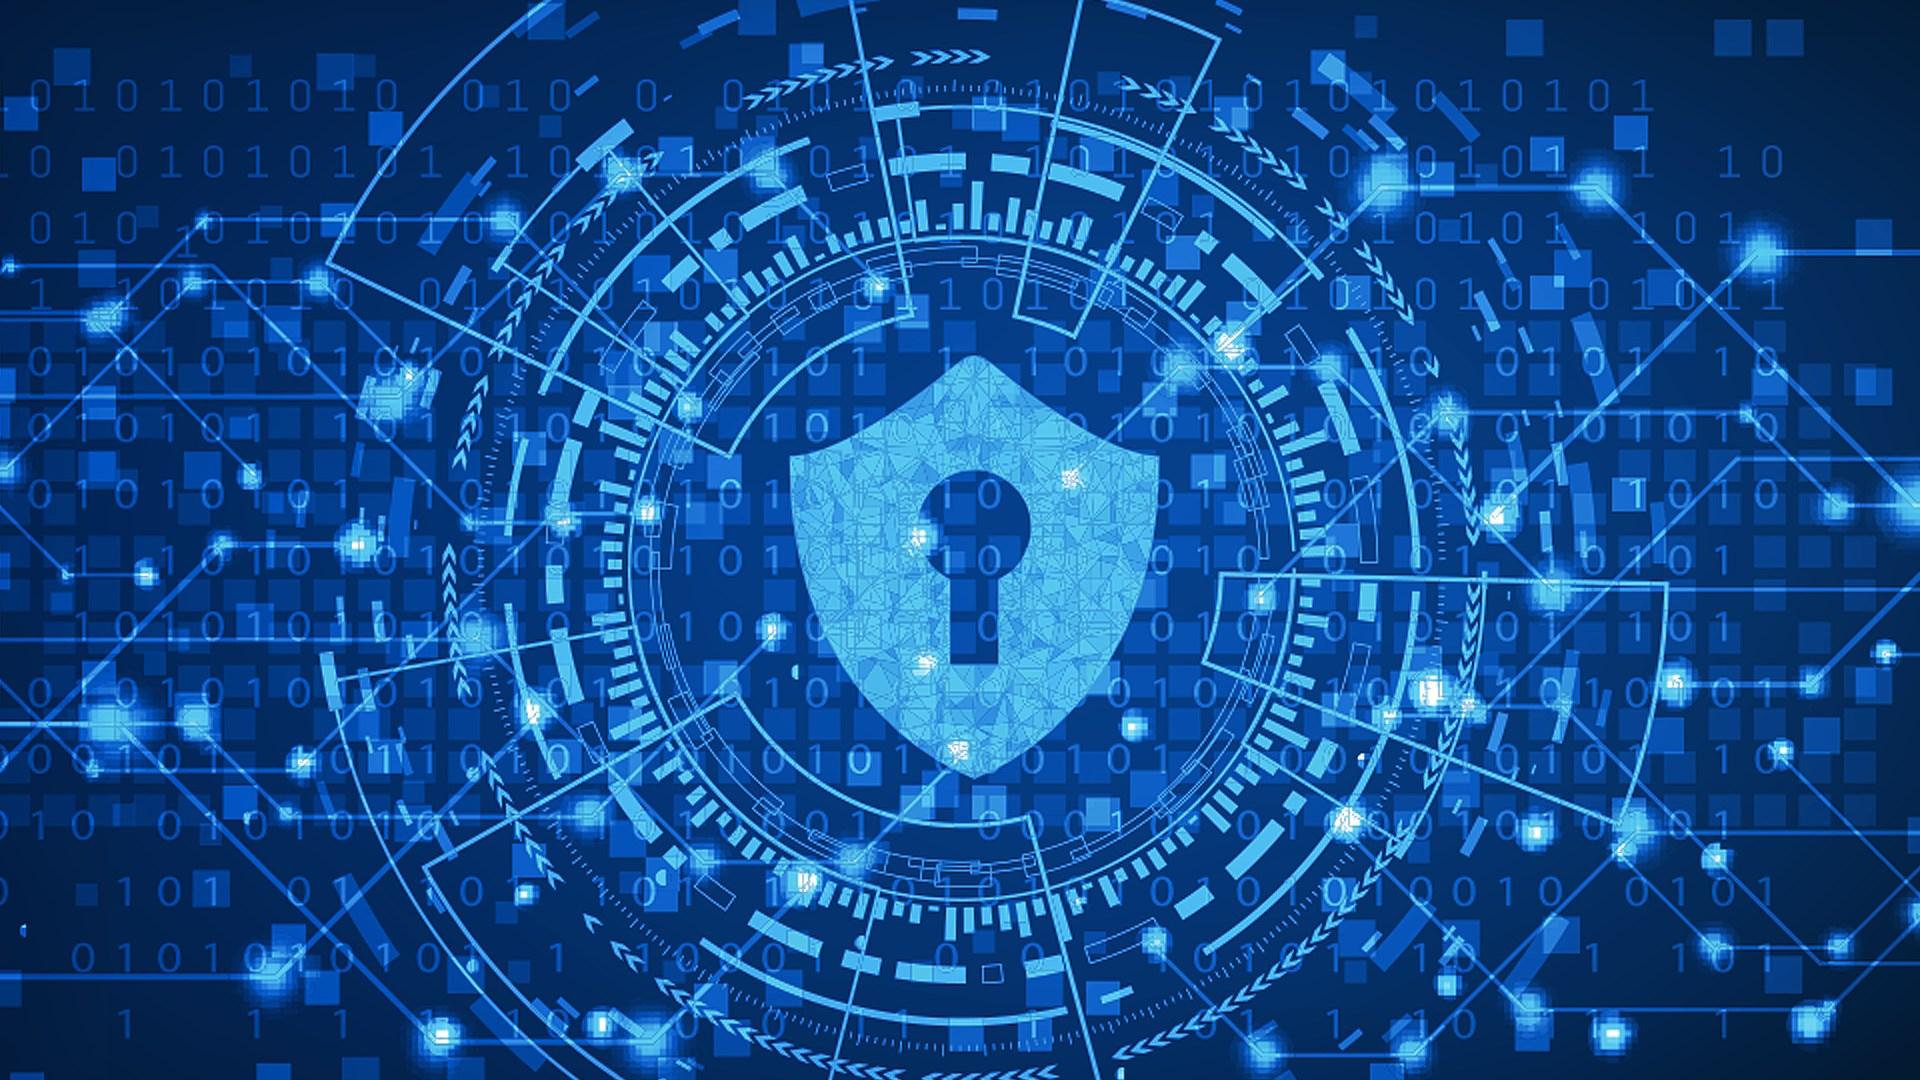 Sicherheit, Sicherheitslücke, Datenschutz, Security, Angriff, Privatsphäre, Kriminalität, Verschlüsselung, Exploit, Cybercrime, Cybersecurity, Hackerangriff, Internetkriminalität, Kryptographie, Hacken, Hacker Angriff, Schlüssel, DSGVO, schloss, Ende-zu-Ende-Verschlüsselung, Security Report, Absicherung, Datenverarbeitung, Verschlüsselungssoftware, Schloss-Symbol